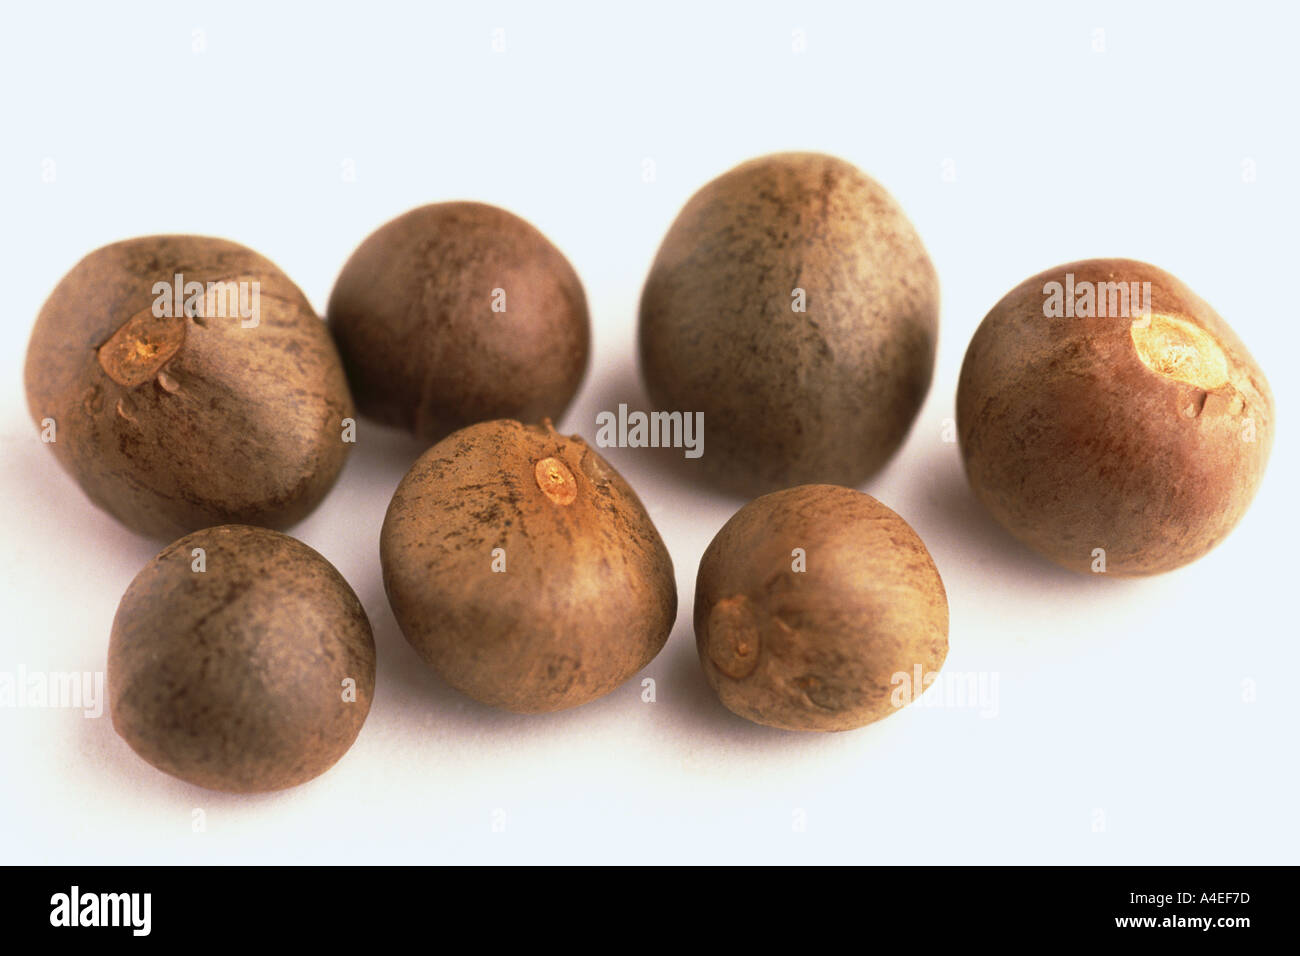 Pianta medicinale il seme della teaplant Camelia sinensis oilfruit Immagini Stock